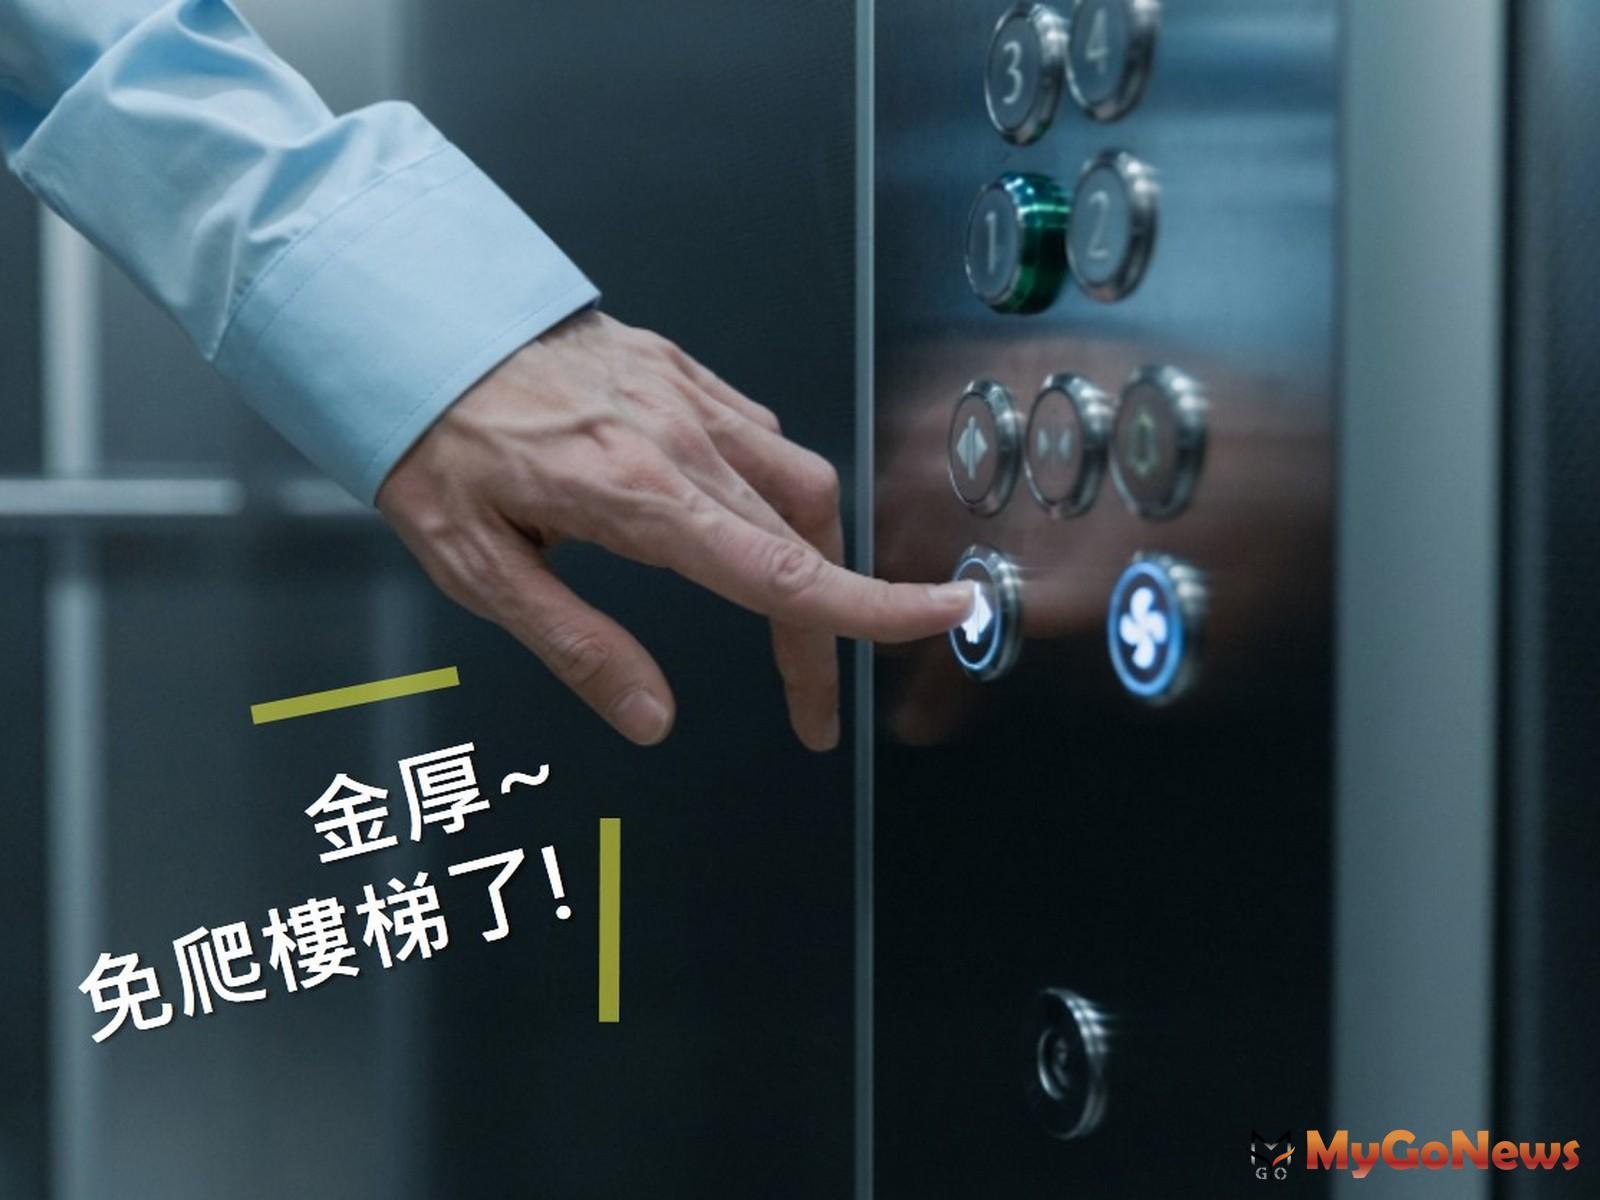 「新北高齡友善換居-樓梯換電梯方案」開放申請(圖/新北市政府) MyGoNews房地產新聞 區域情報